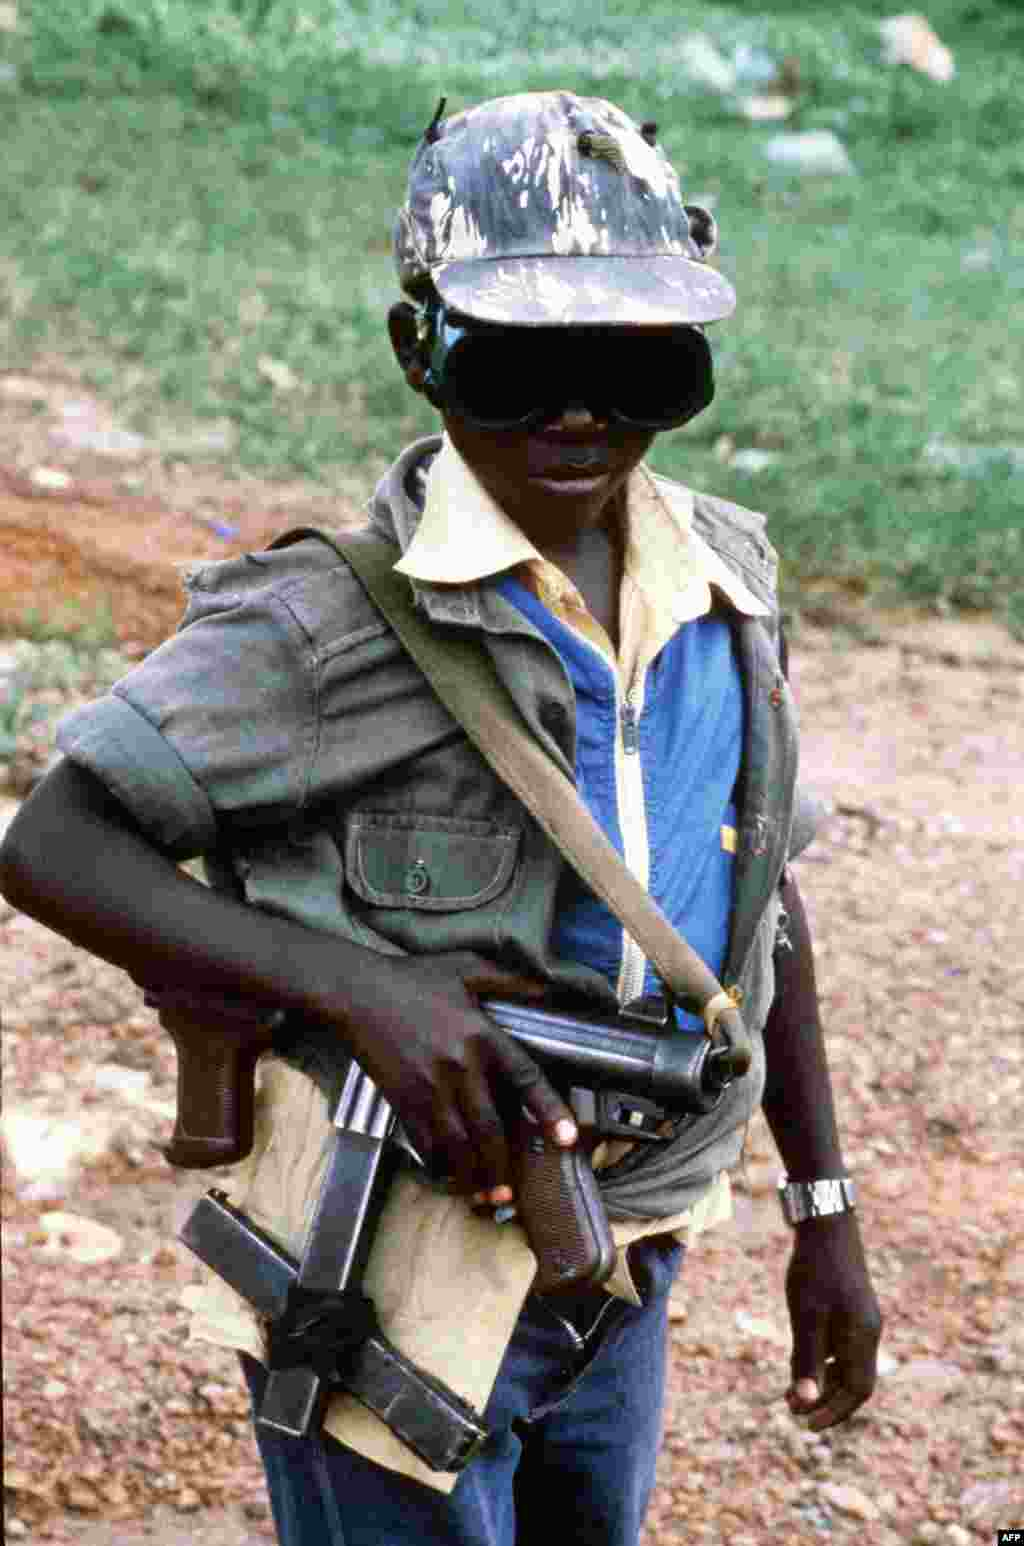 Не менее 30 тысяч детей из Уганды не пойдут в школу в этом году – их используют в качестве солдат в религиозном конфликте. Похищенным и завербованным мальчикам лидеры разрозненных группировок дают в руки автоматы. Иногда вооружают и девочек, но значительно чаще их используют как секс-рабынь. На фото – маленький боец партизанской группировки Народная армия сопротивления Уганды